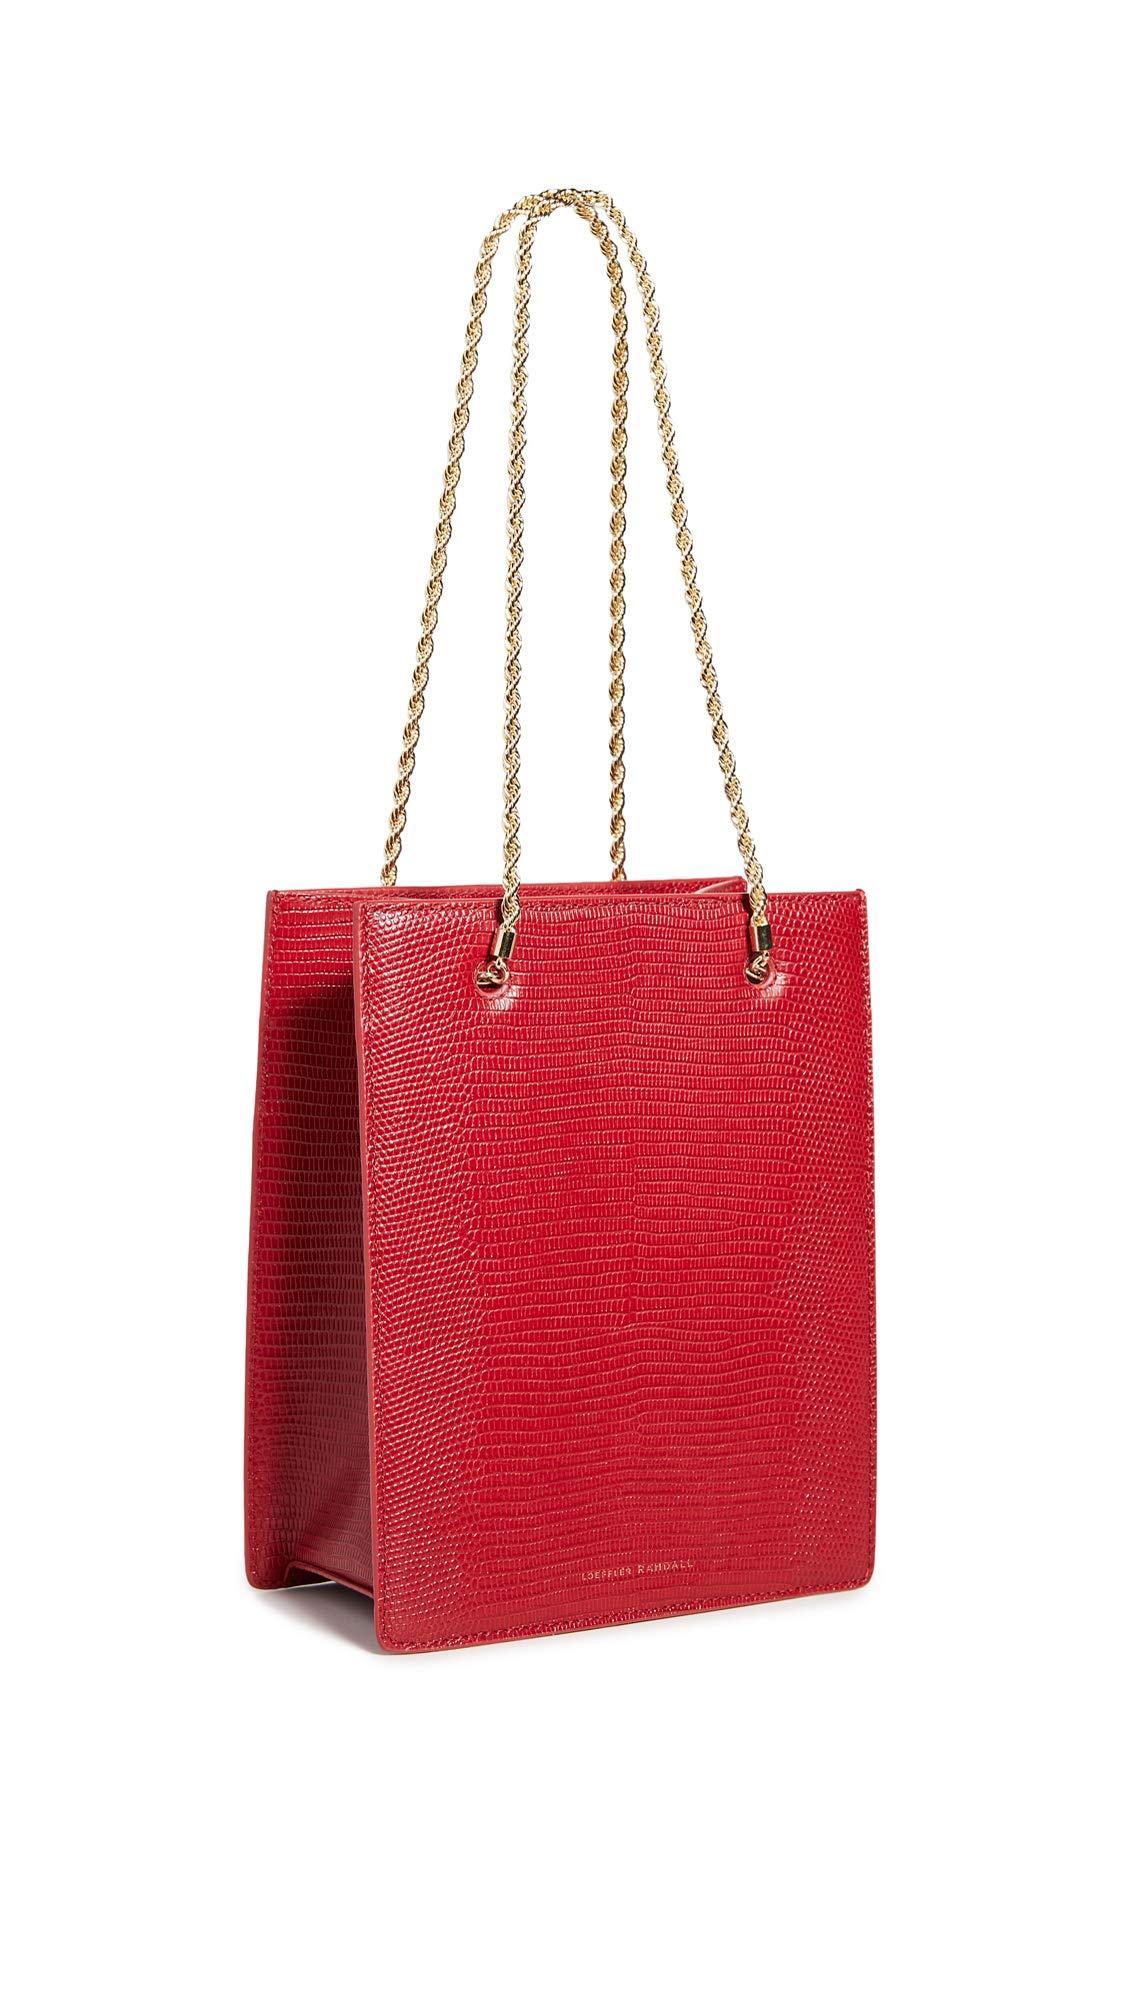 Loeffler Randall Leather Antoinette Shopper Tote in Crimson